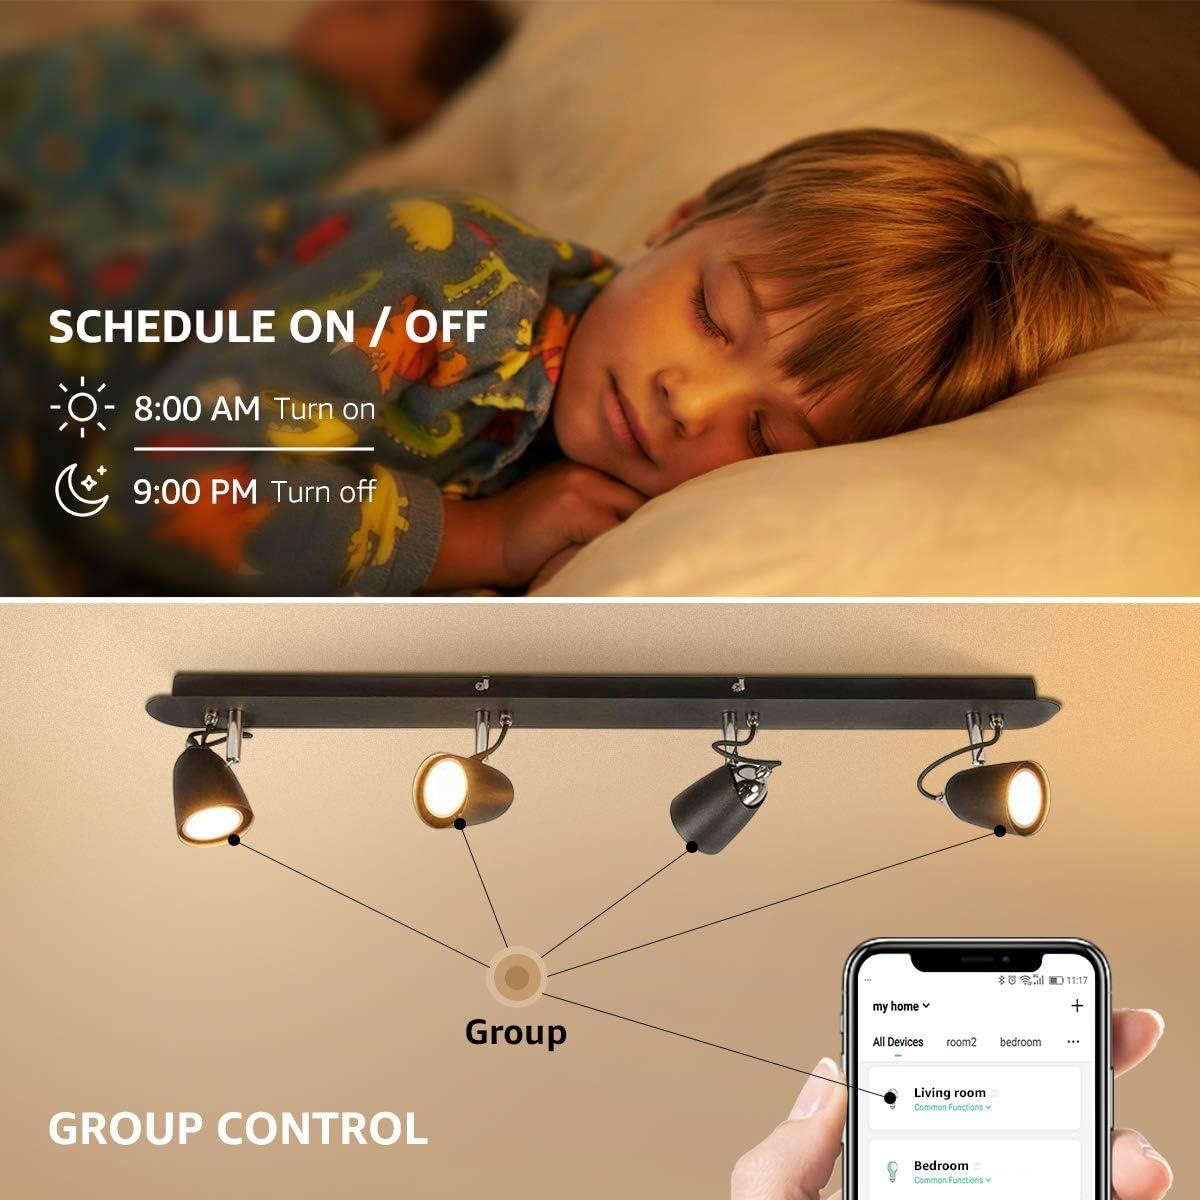 funciona con Alexa y Google Home 2700-6500K foco regulable iluminaci/ón ambiental control remoto por voz 5W RGBCW HNQH Bombilla inteligente LED GU10 l/ámpara WiFi